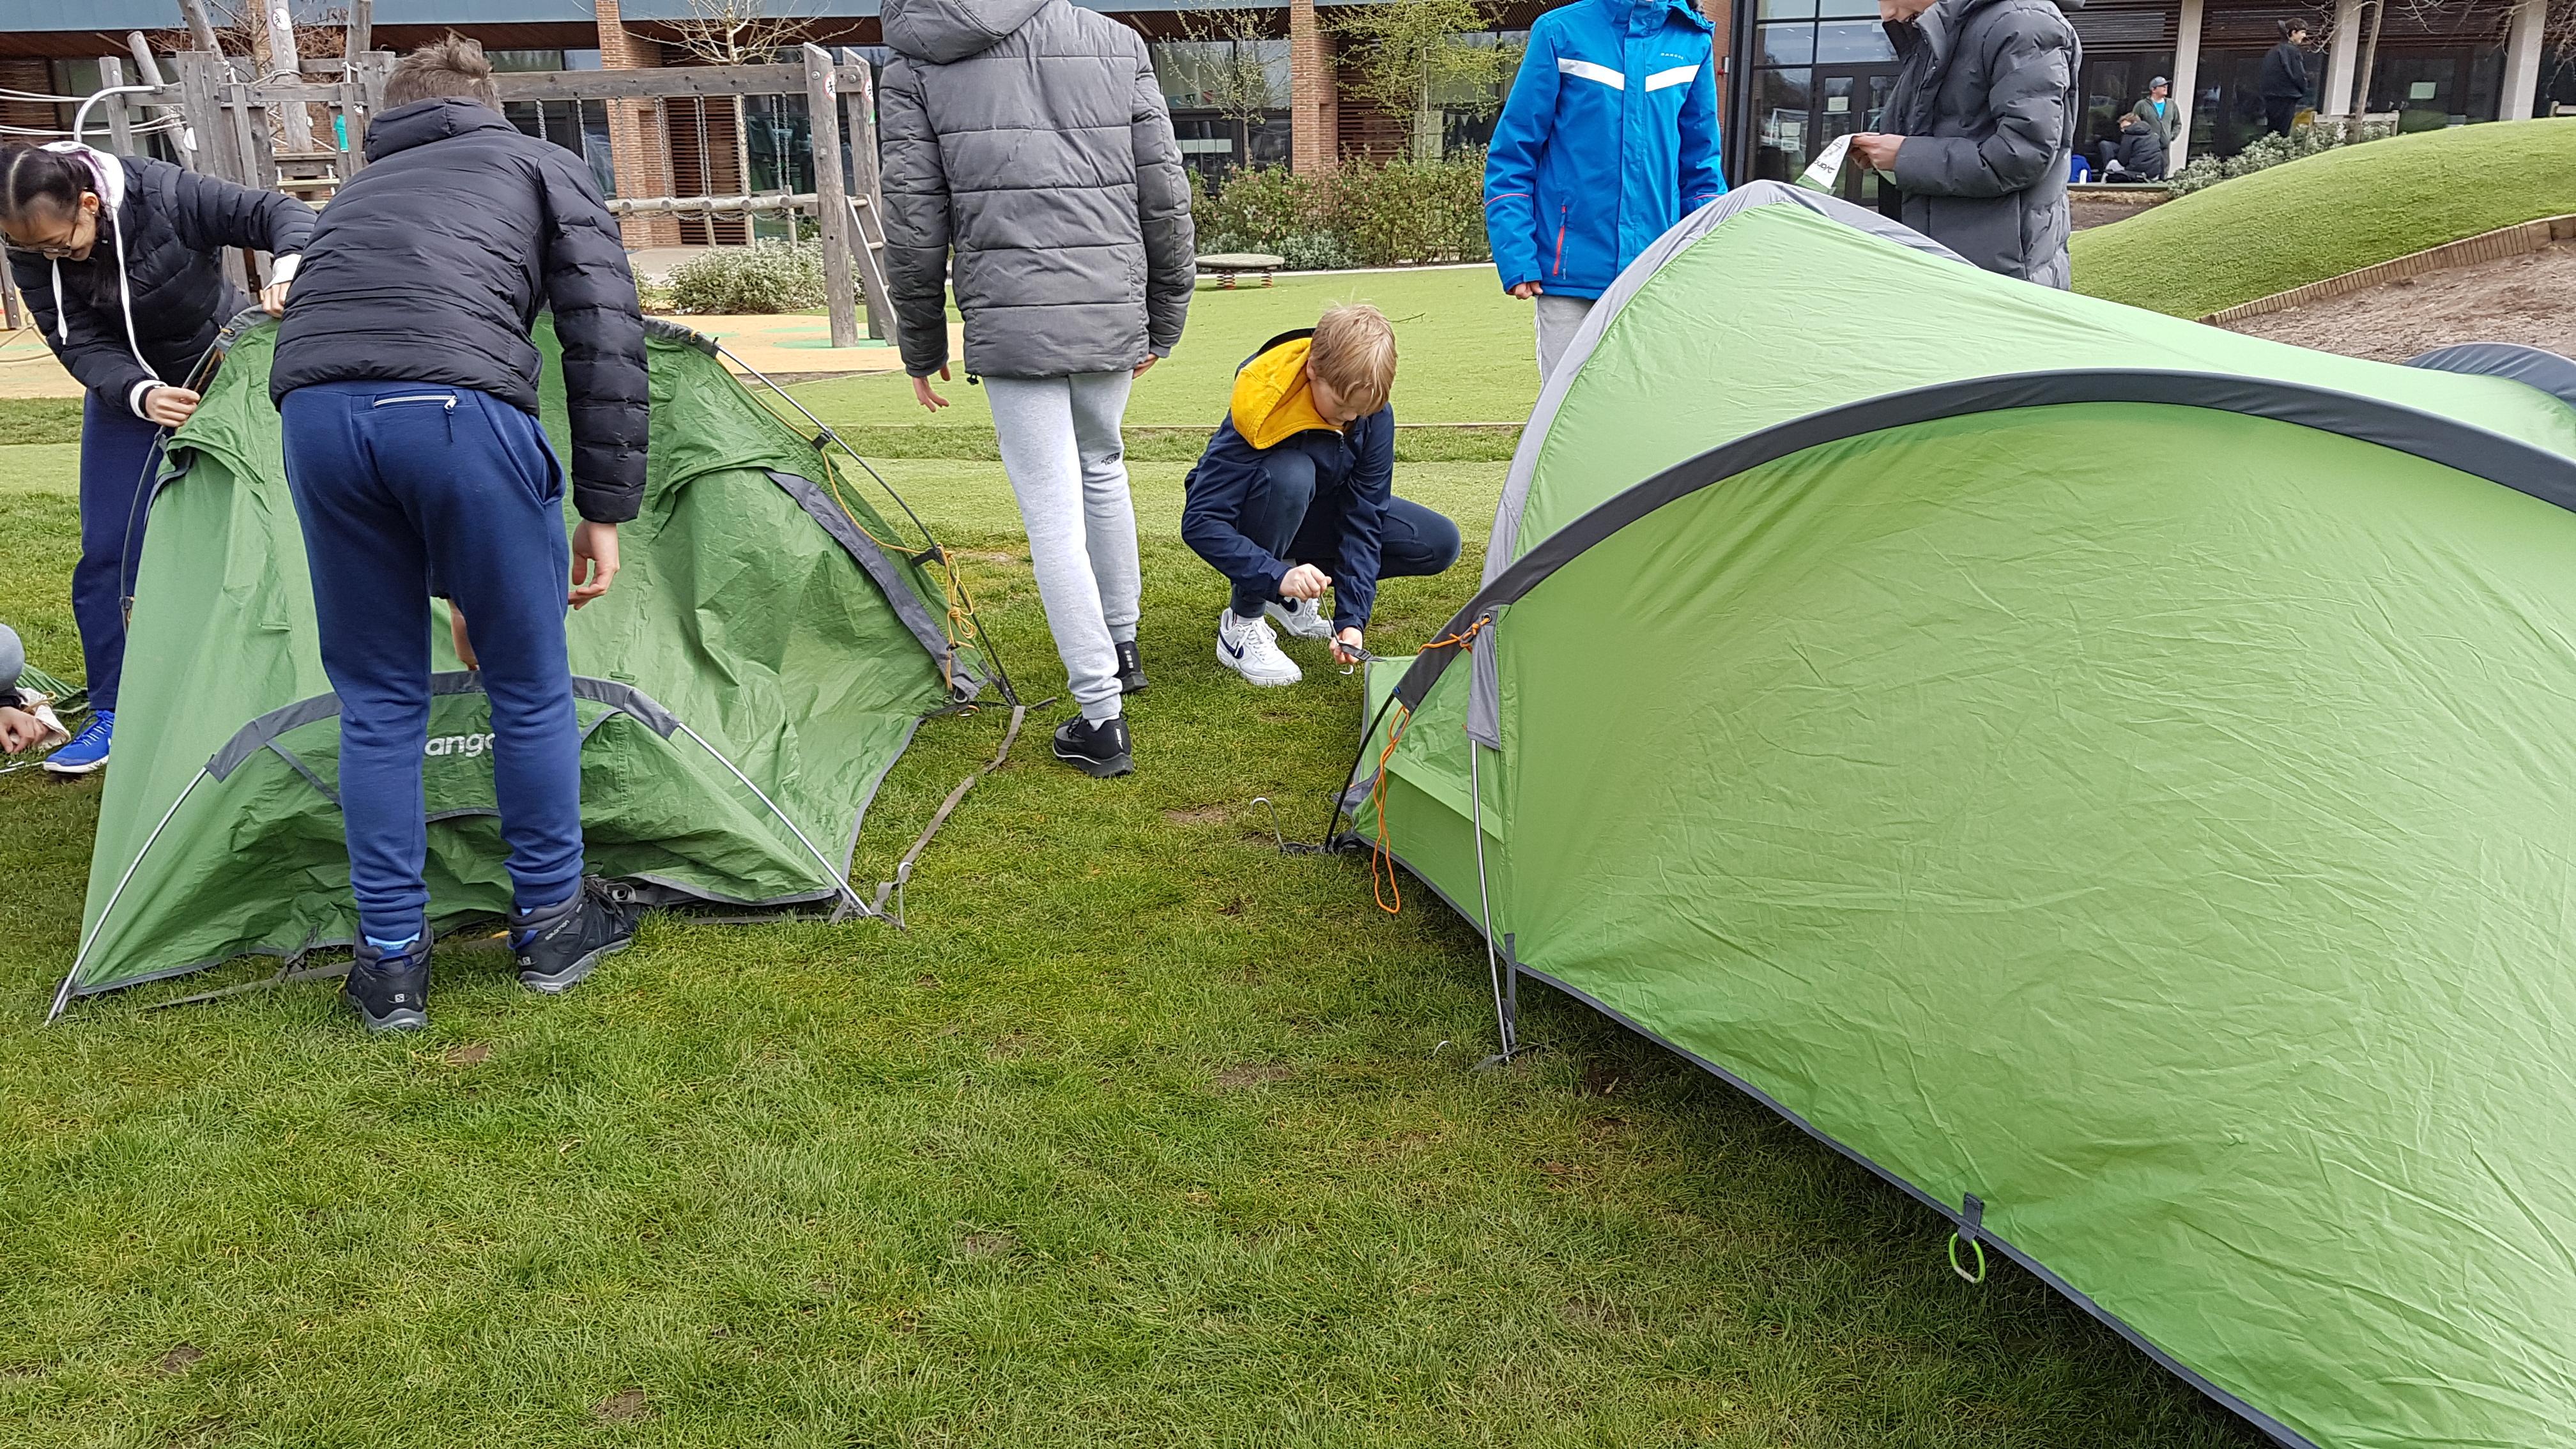 tent, DofE campcraft, DofE Bronze